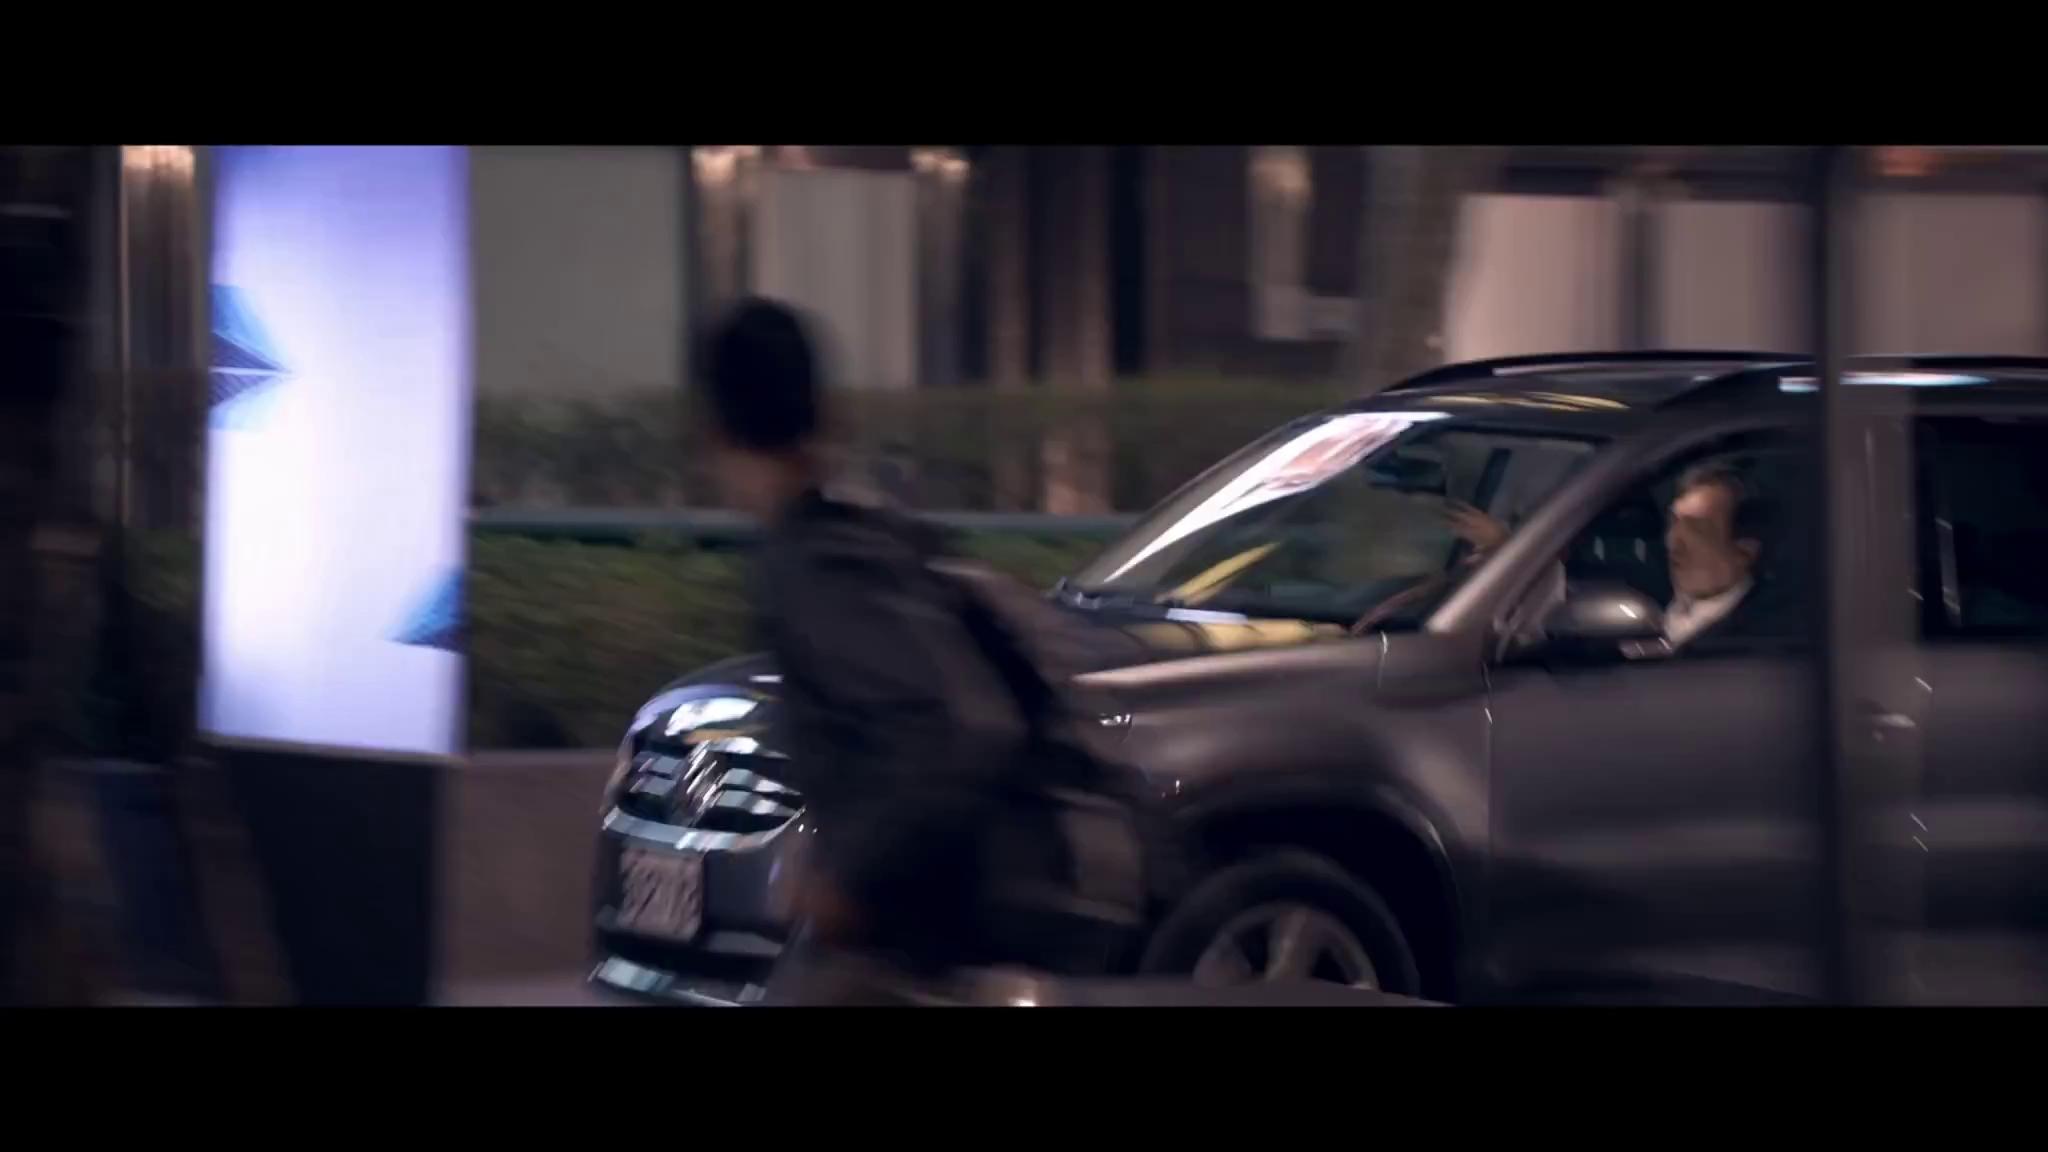 Bleeding Steel - Tựa phim hành động mới của Thành Long ra mắt dịp tết năm nay - ảnh 9